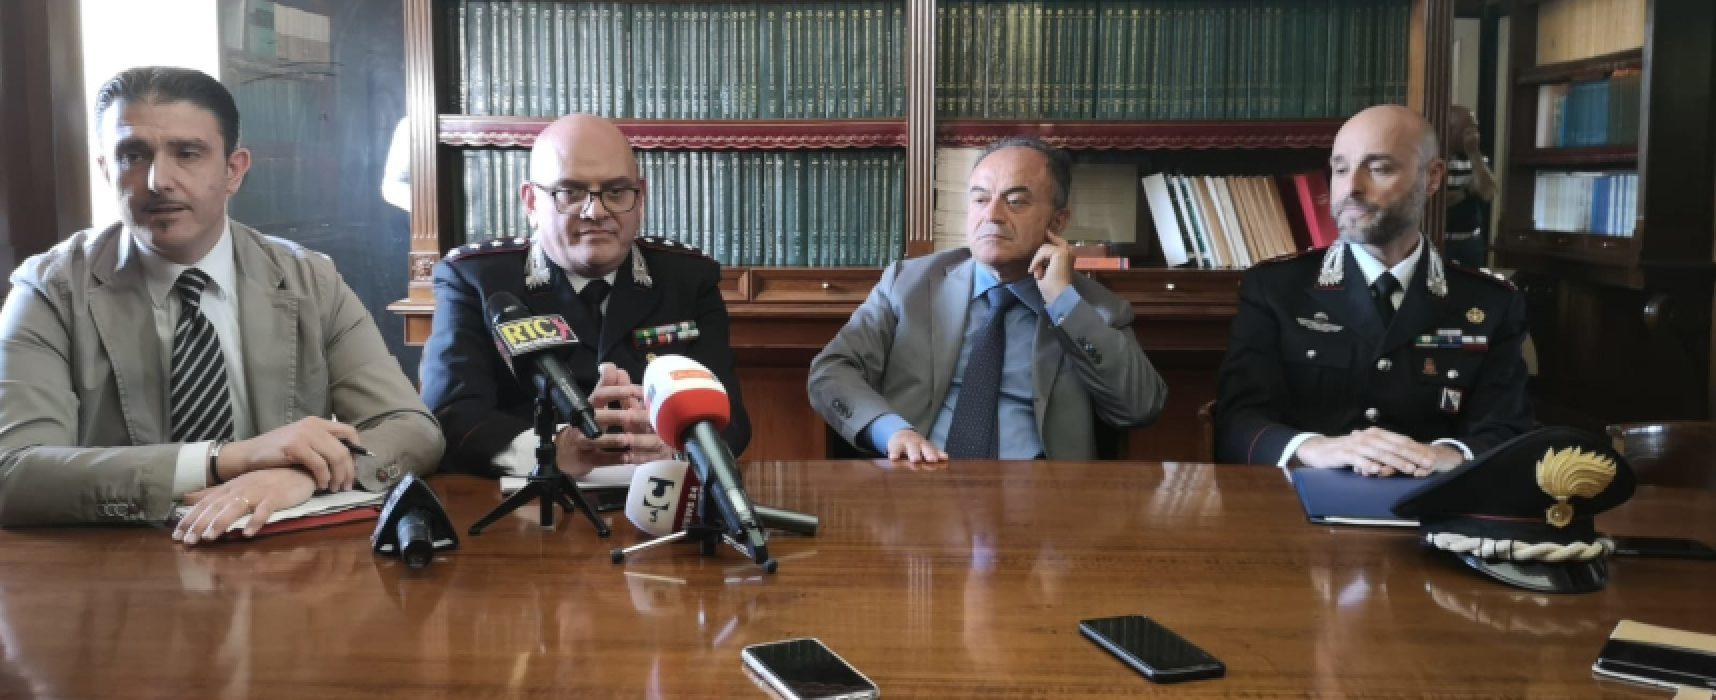 """Carcere Cosenza come """"albergo"""" per detenuti, due agenti arrestati, offesa memoria Sergio Cosmai"""